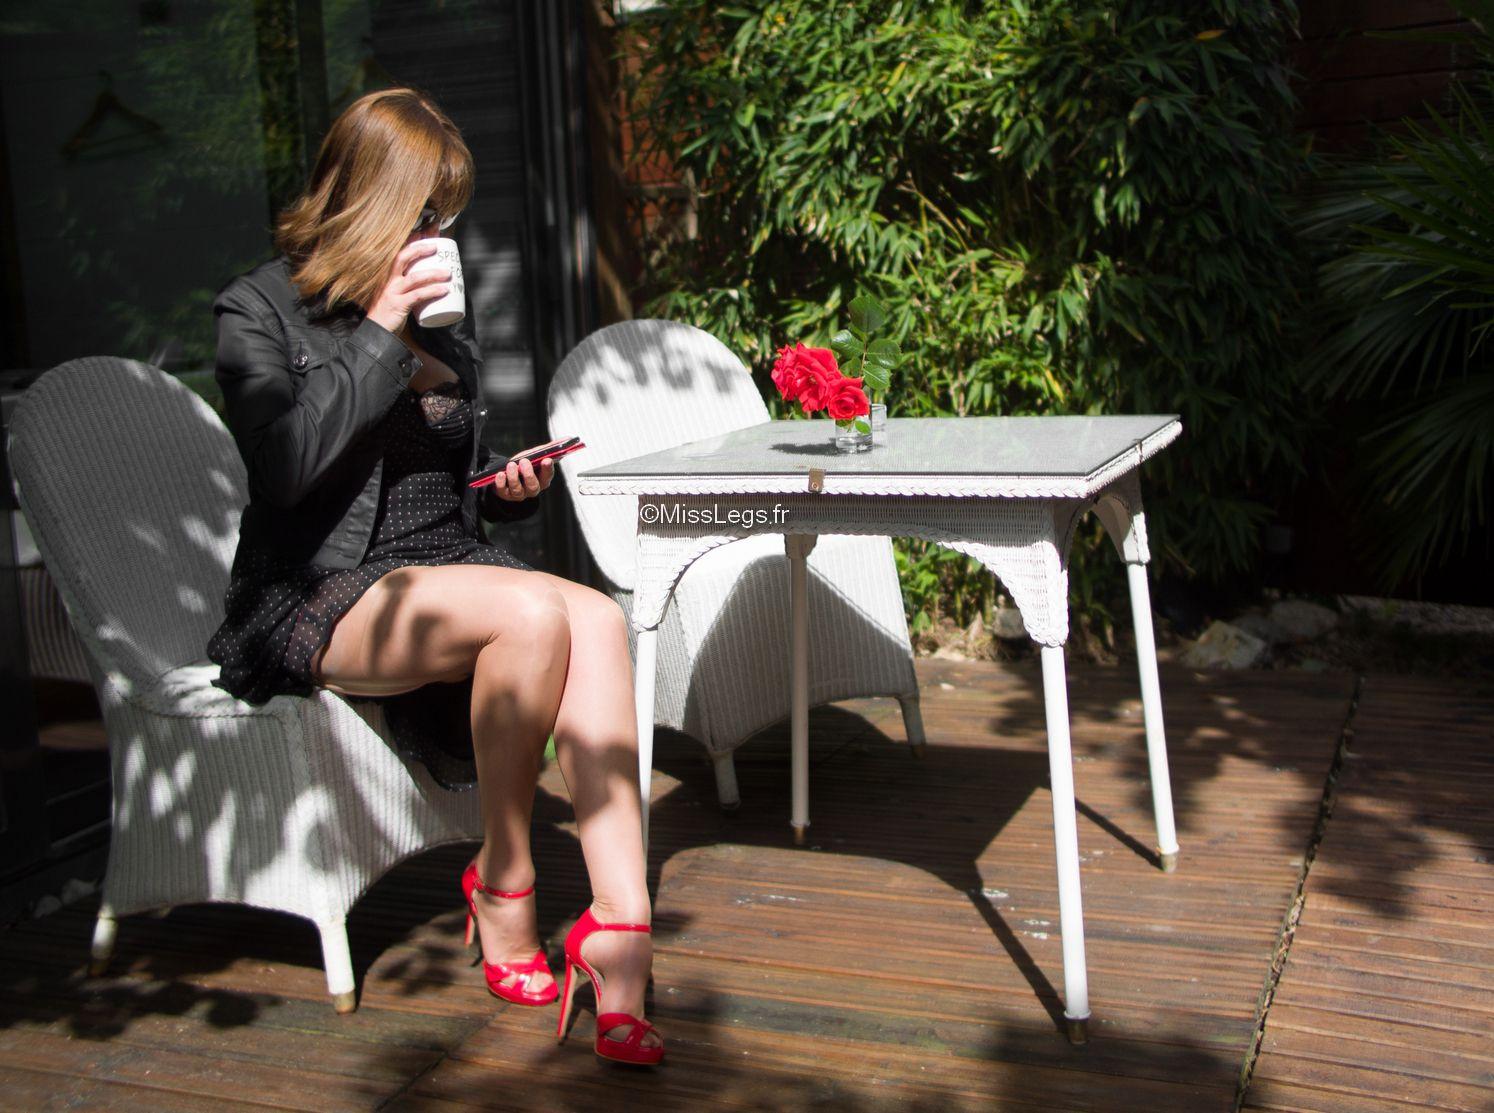 http://www.misslegs.fr/  -  https://www.instagram.com/misslegs.fr